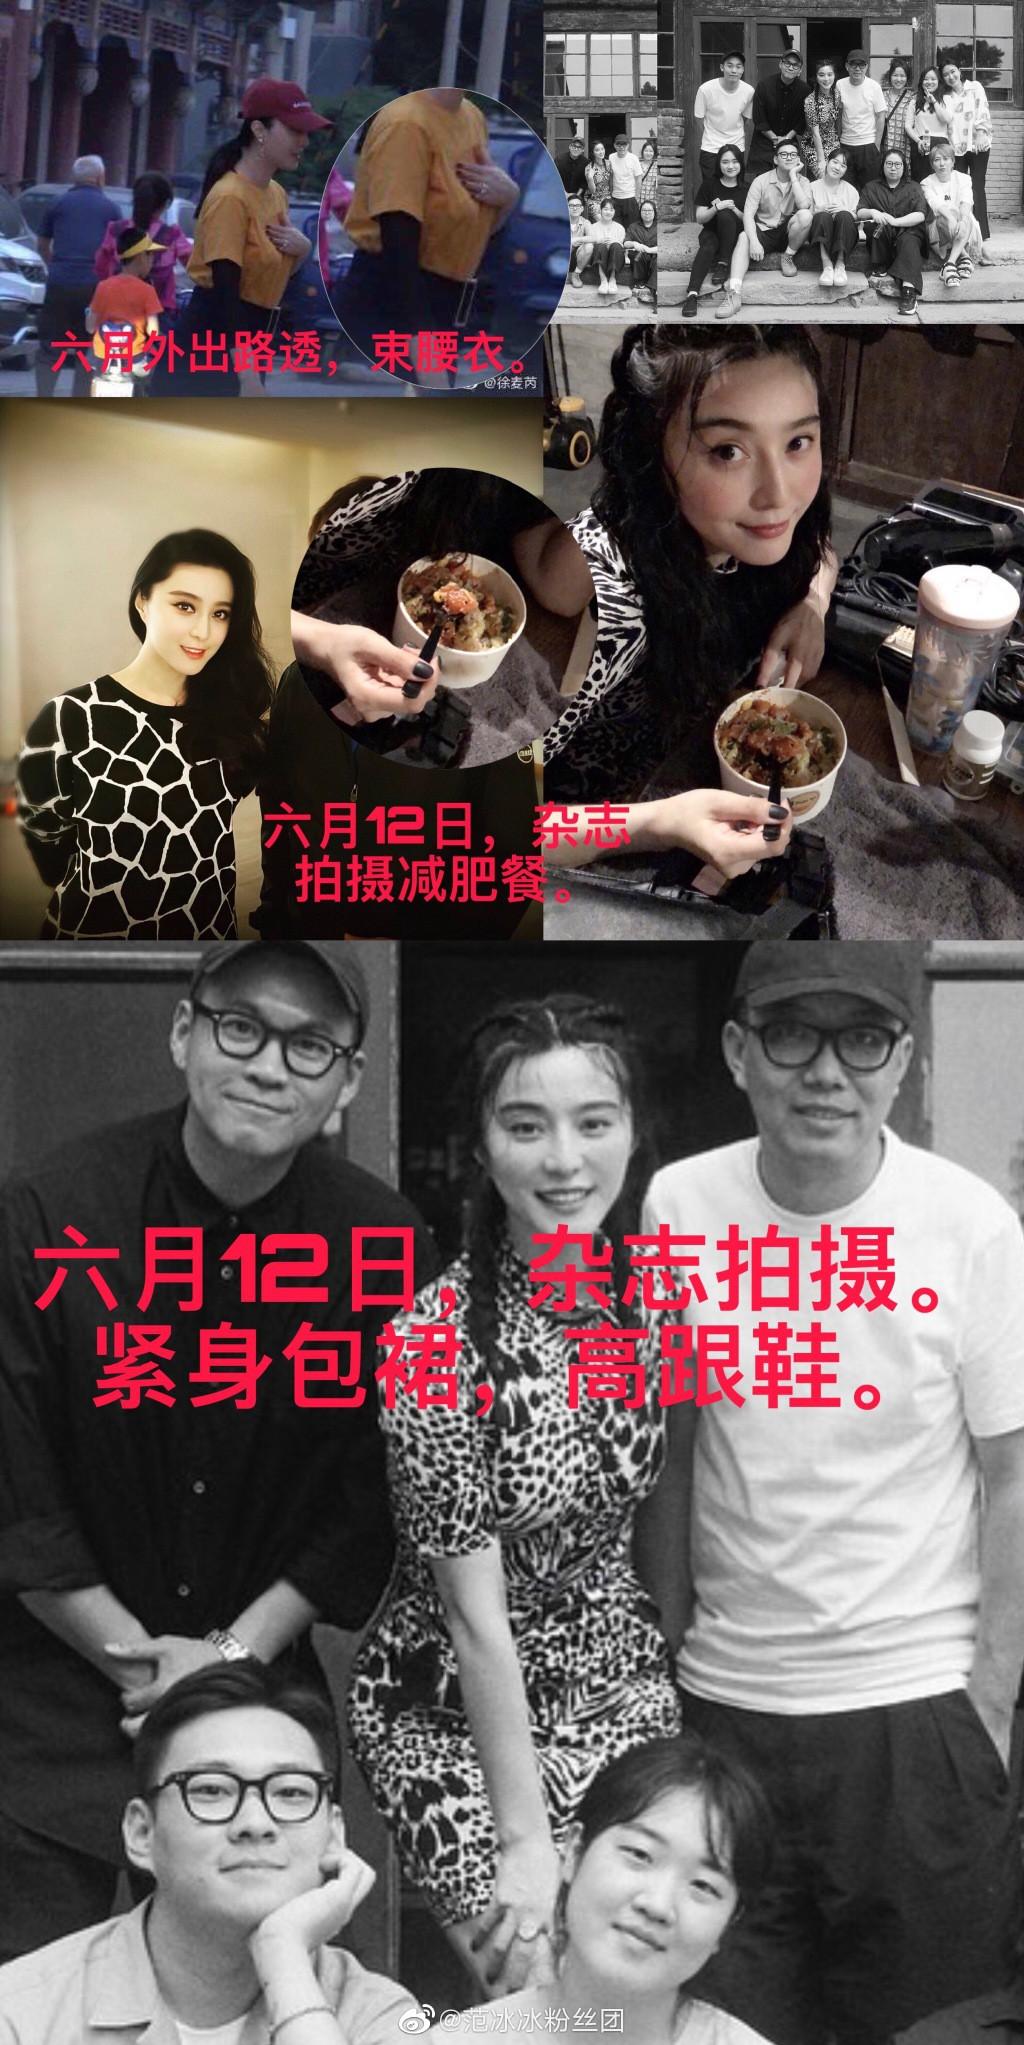 Netizen phản ứng dữ dội, đưa bằng chứng đập lại tin đồn Phạm Băng Băng mang thai nhưng không phải con Lý Thần - Ảnh 6.